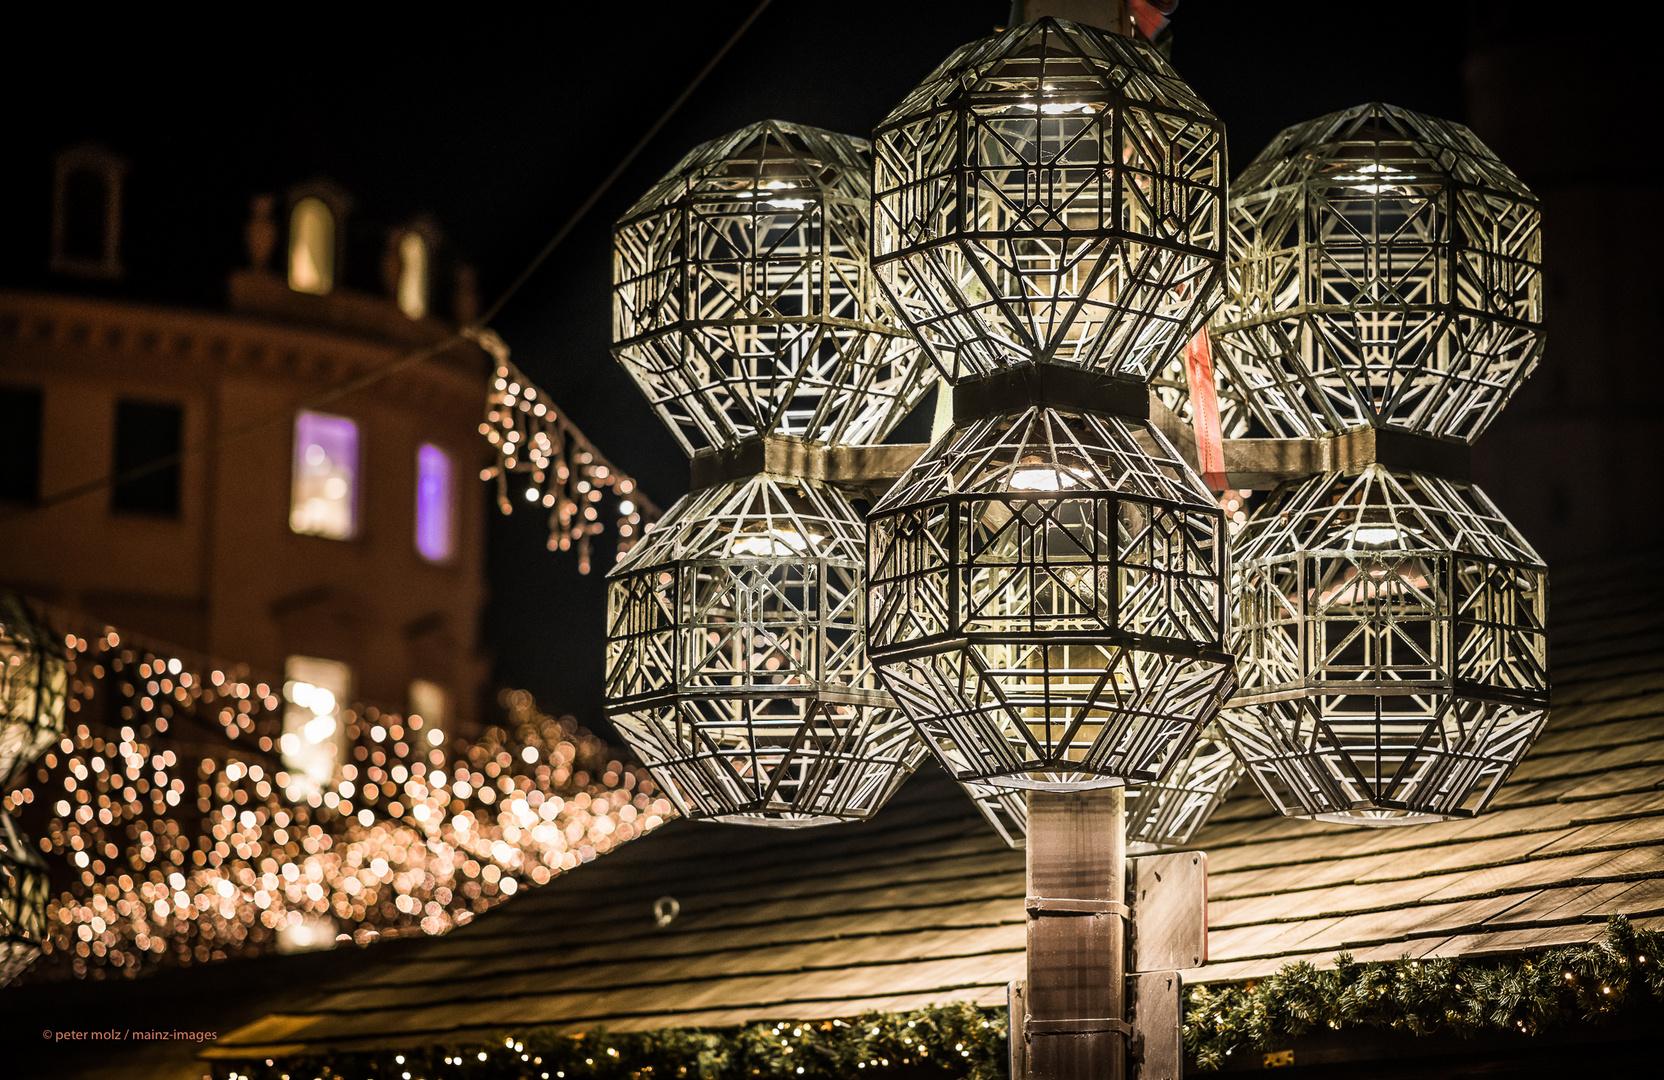 Mainz - Unter den Lichtern des Weihnachtsmarktes in Mainz (1)